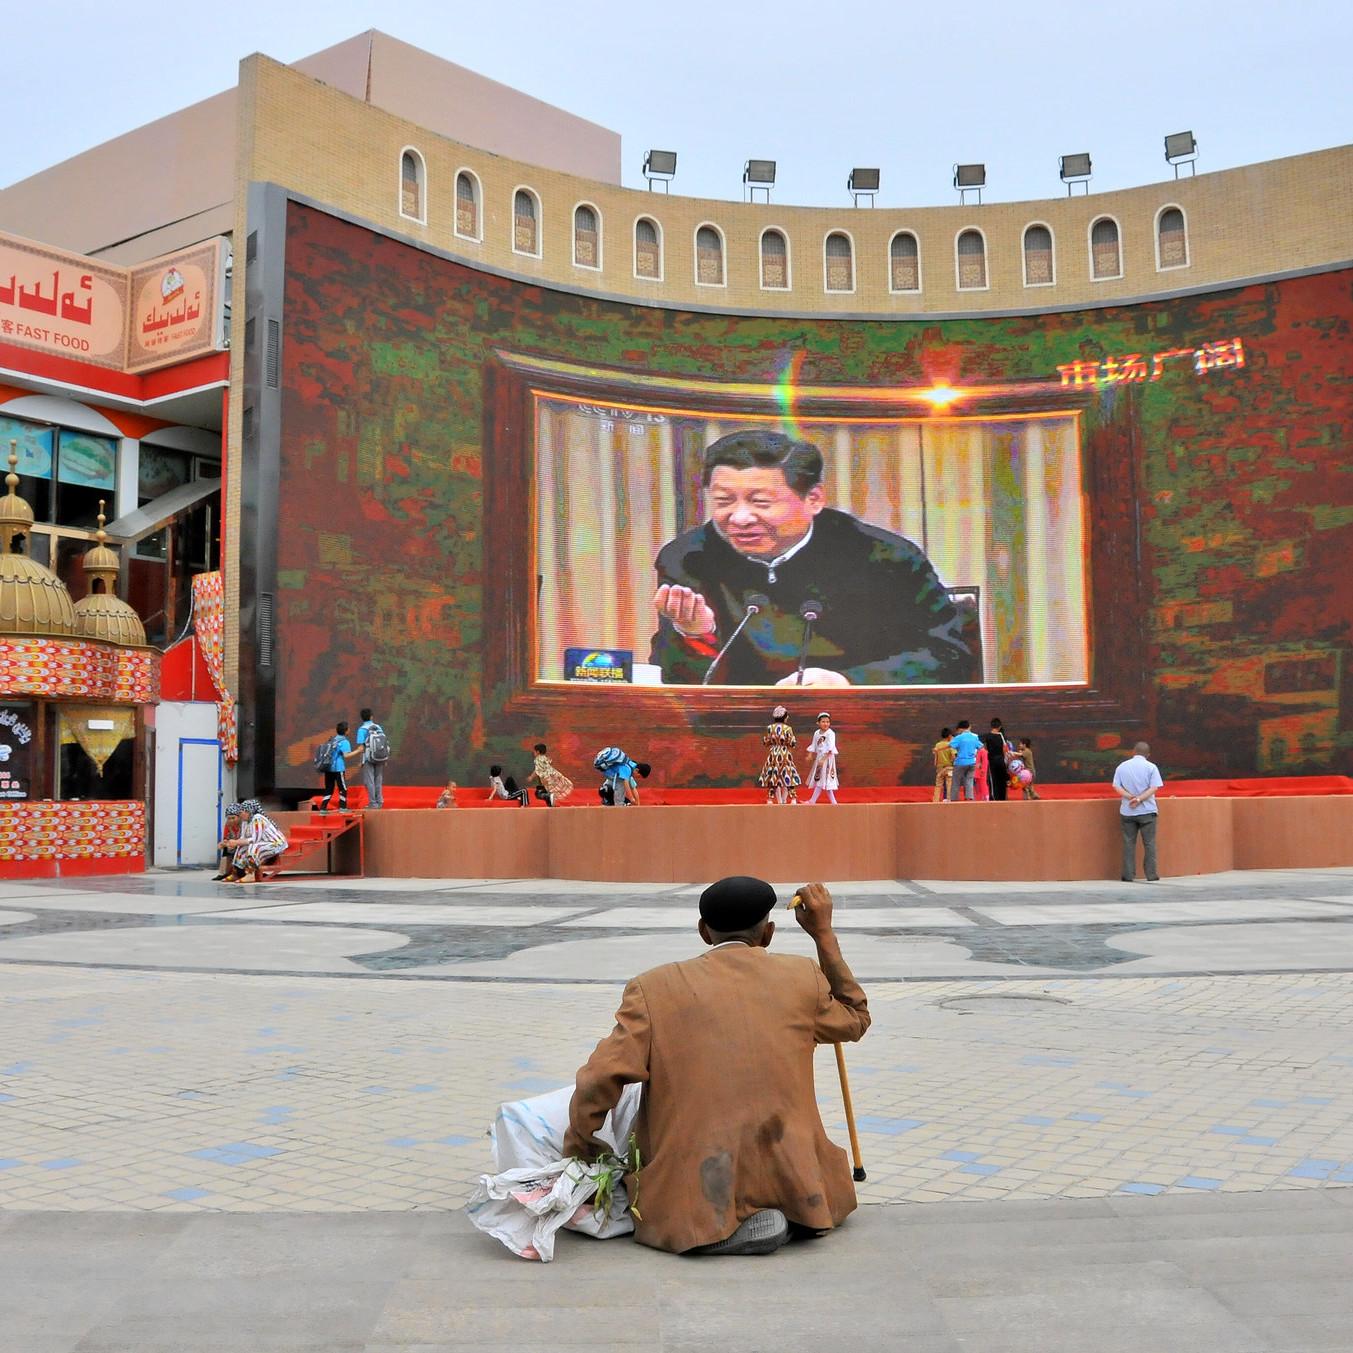 Xi Jinping e la gestione del dissenso politico